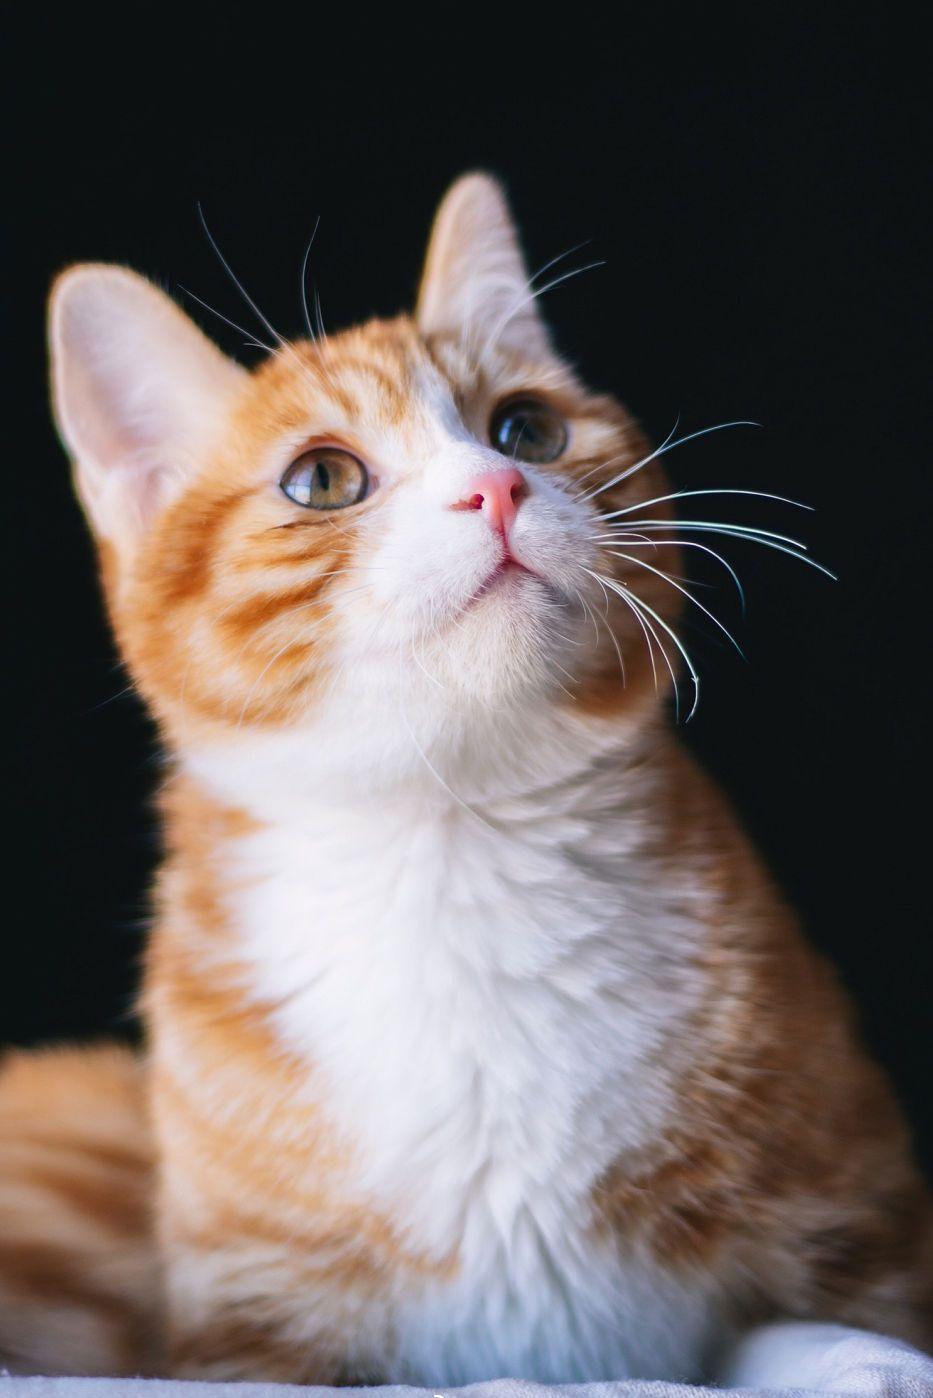 关于宠物摄影的小技巧